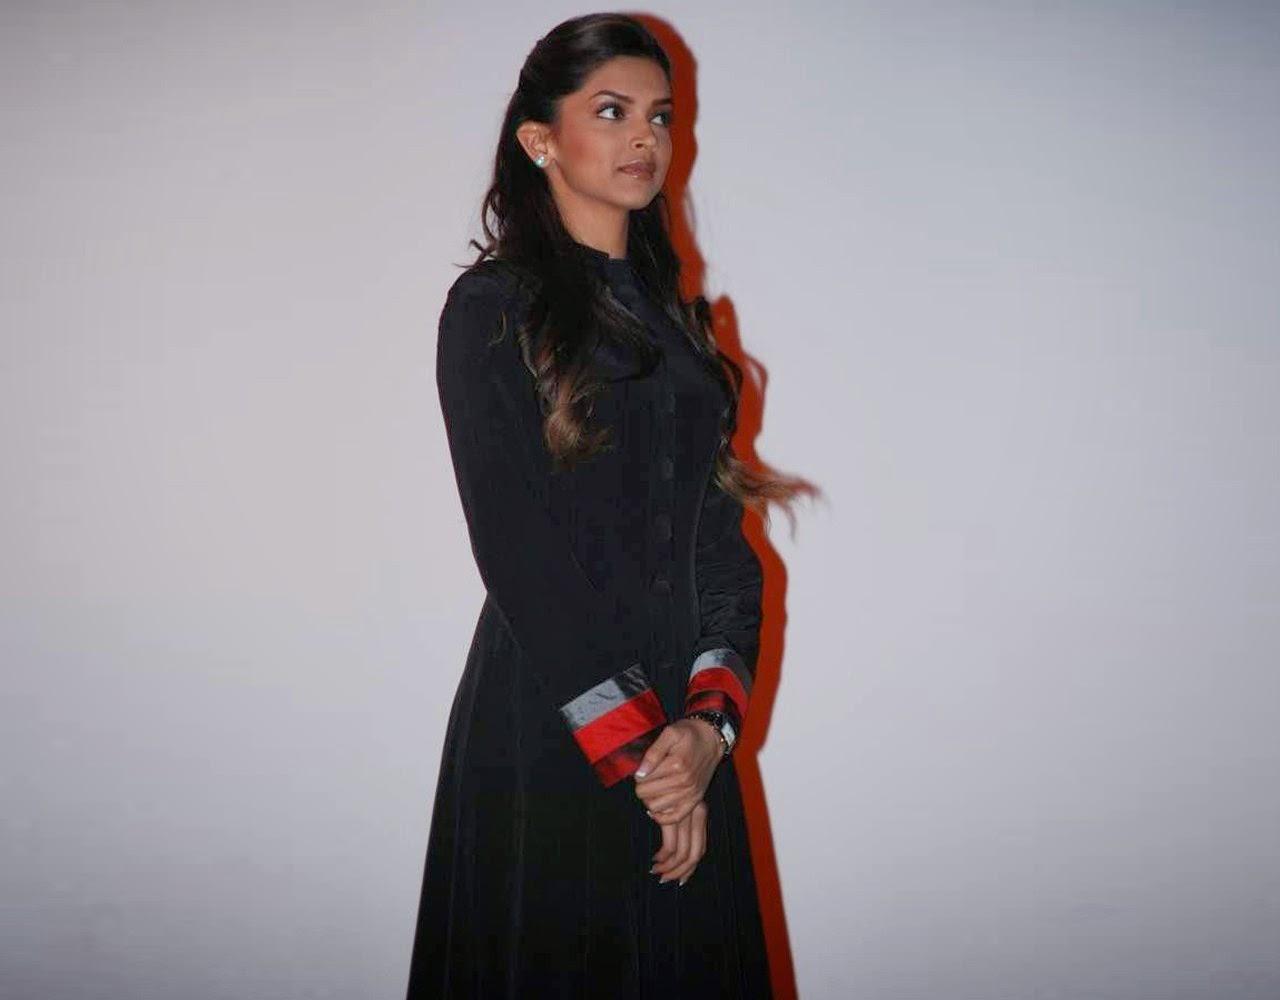 Deepika Padukone looks very hot in her tight dress unseen weird shots captured of Deepika Padukone